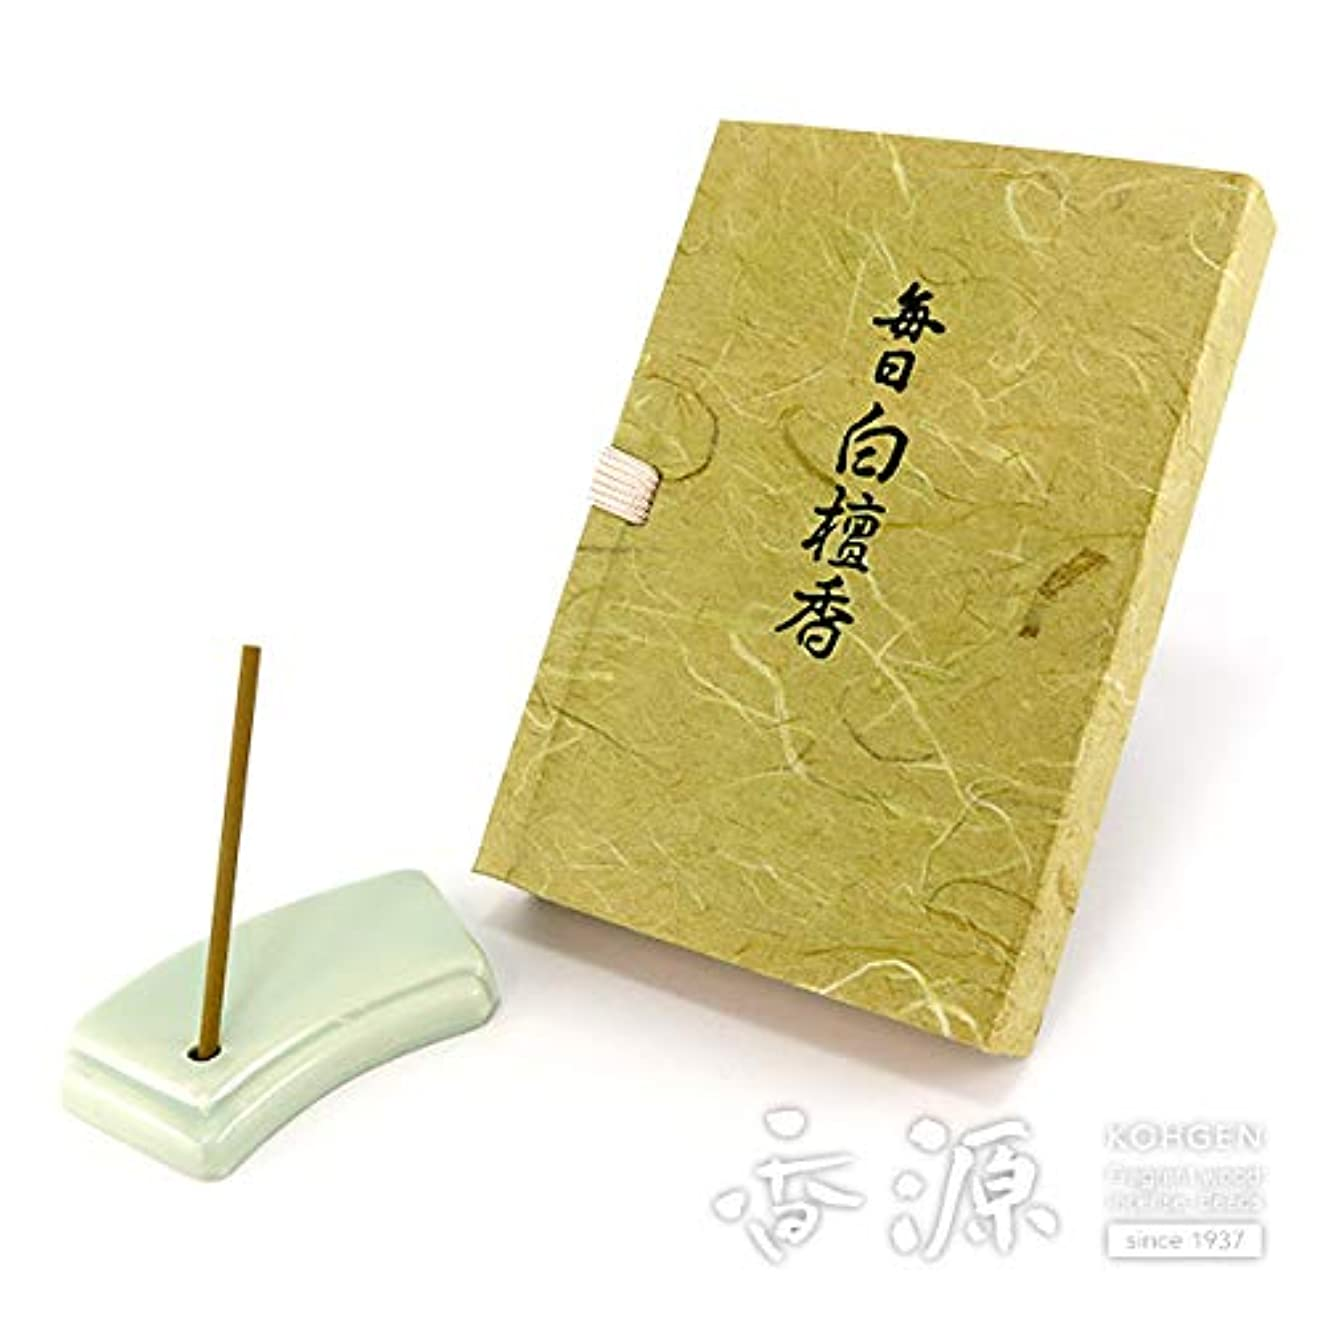 スラム街上に緊張日本香堂のお香 毎日白檀香 スティックミニ寸文庫型60本入り